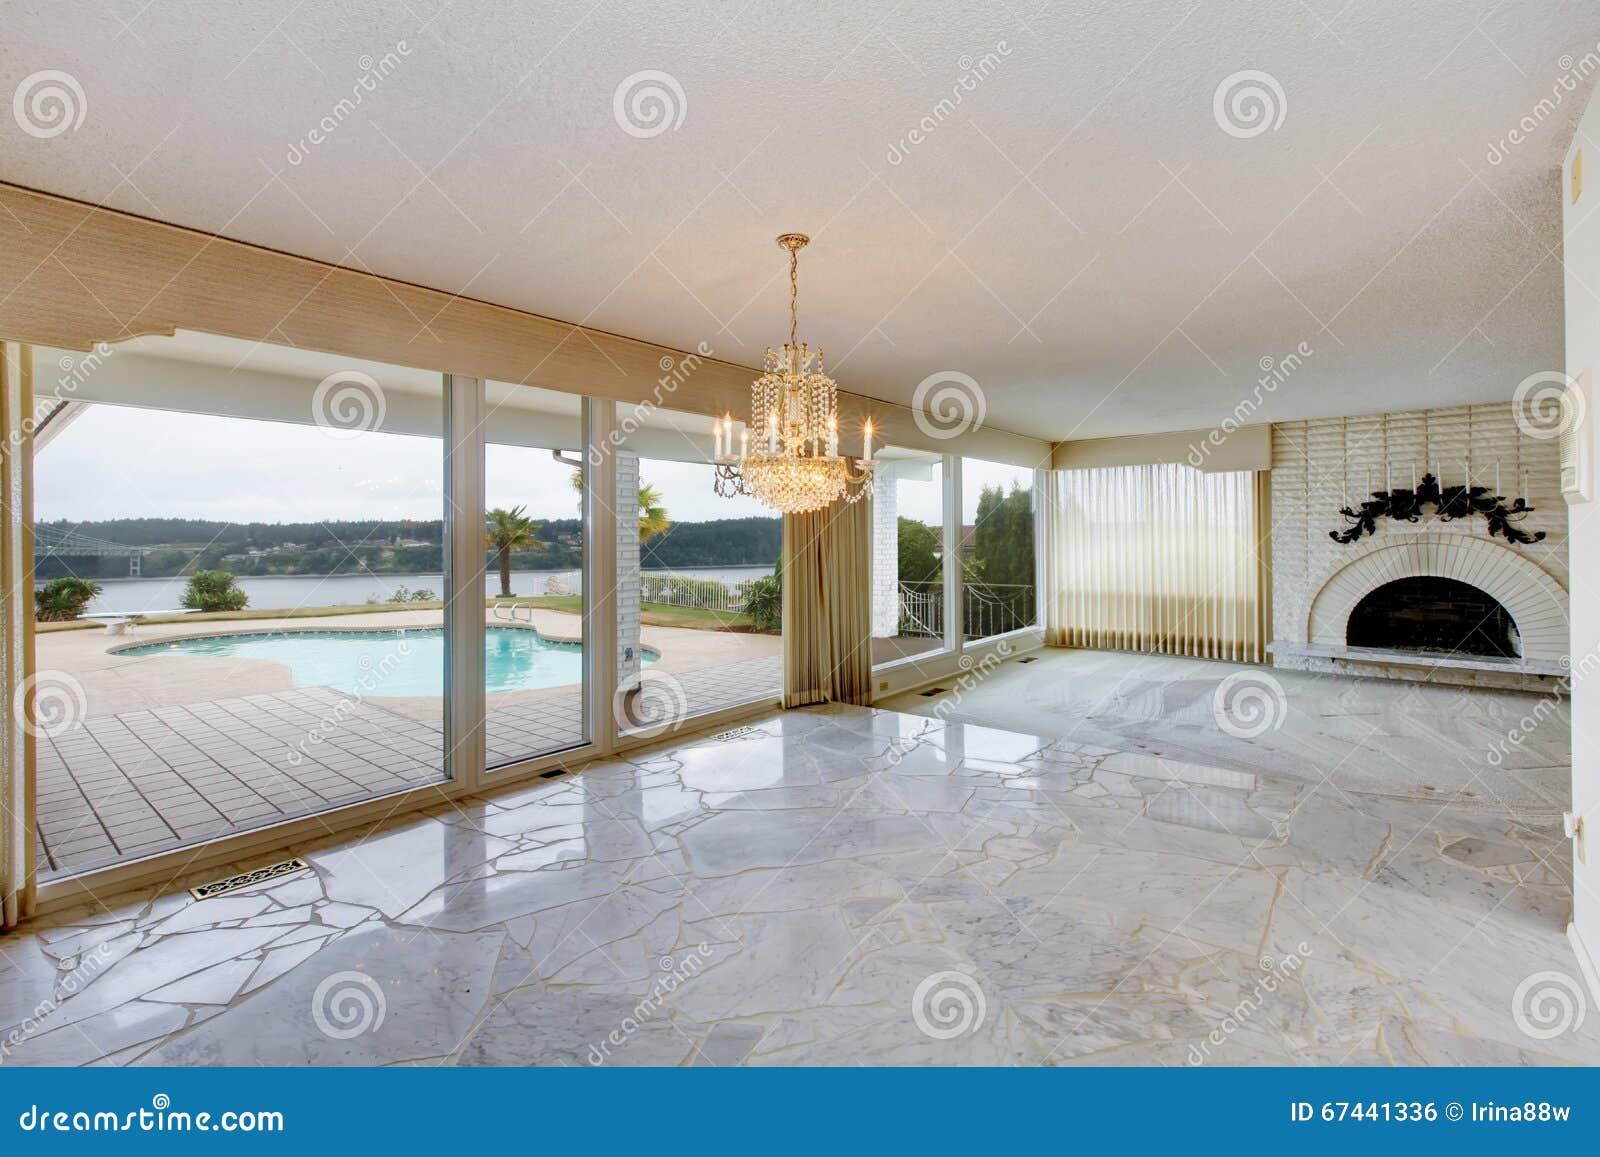 Marmer In Woonkamer : Grote luxe lege woonkamer met witte marmeren vloer grote wi stock